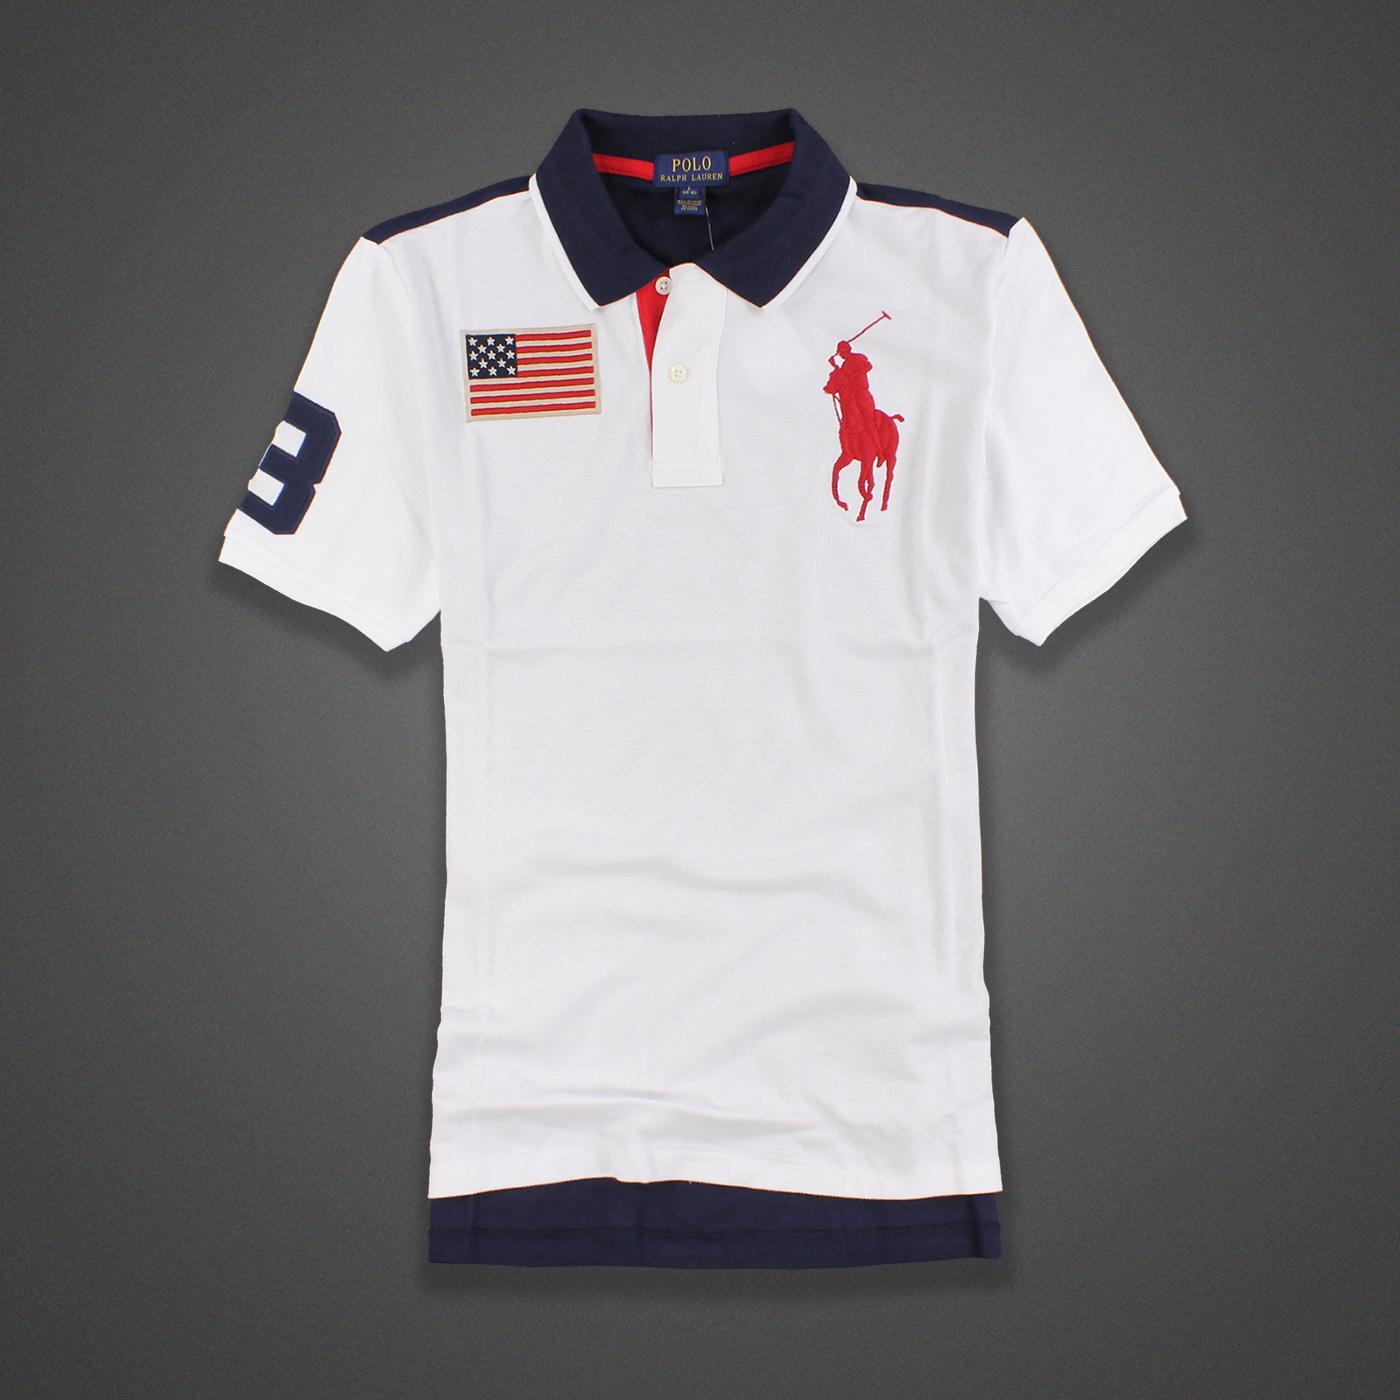 美國百分百【Ralph Lauren】Polo衫 RL 短袖 Polo 大馬 白色 深藍 國旗 旗幟 馬球 男  XS S號 F409